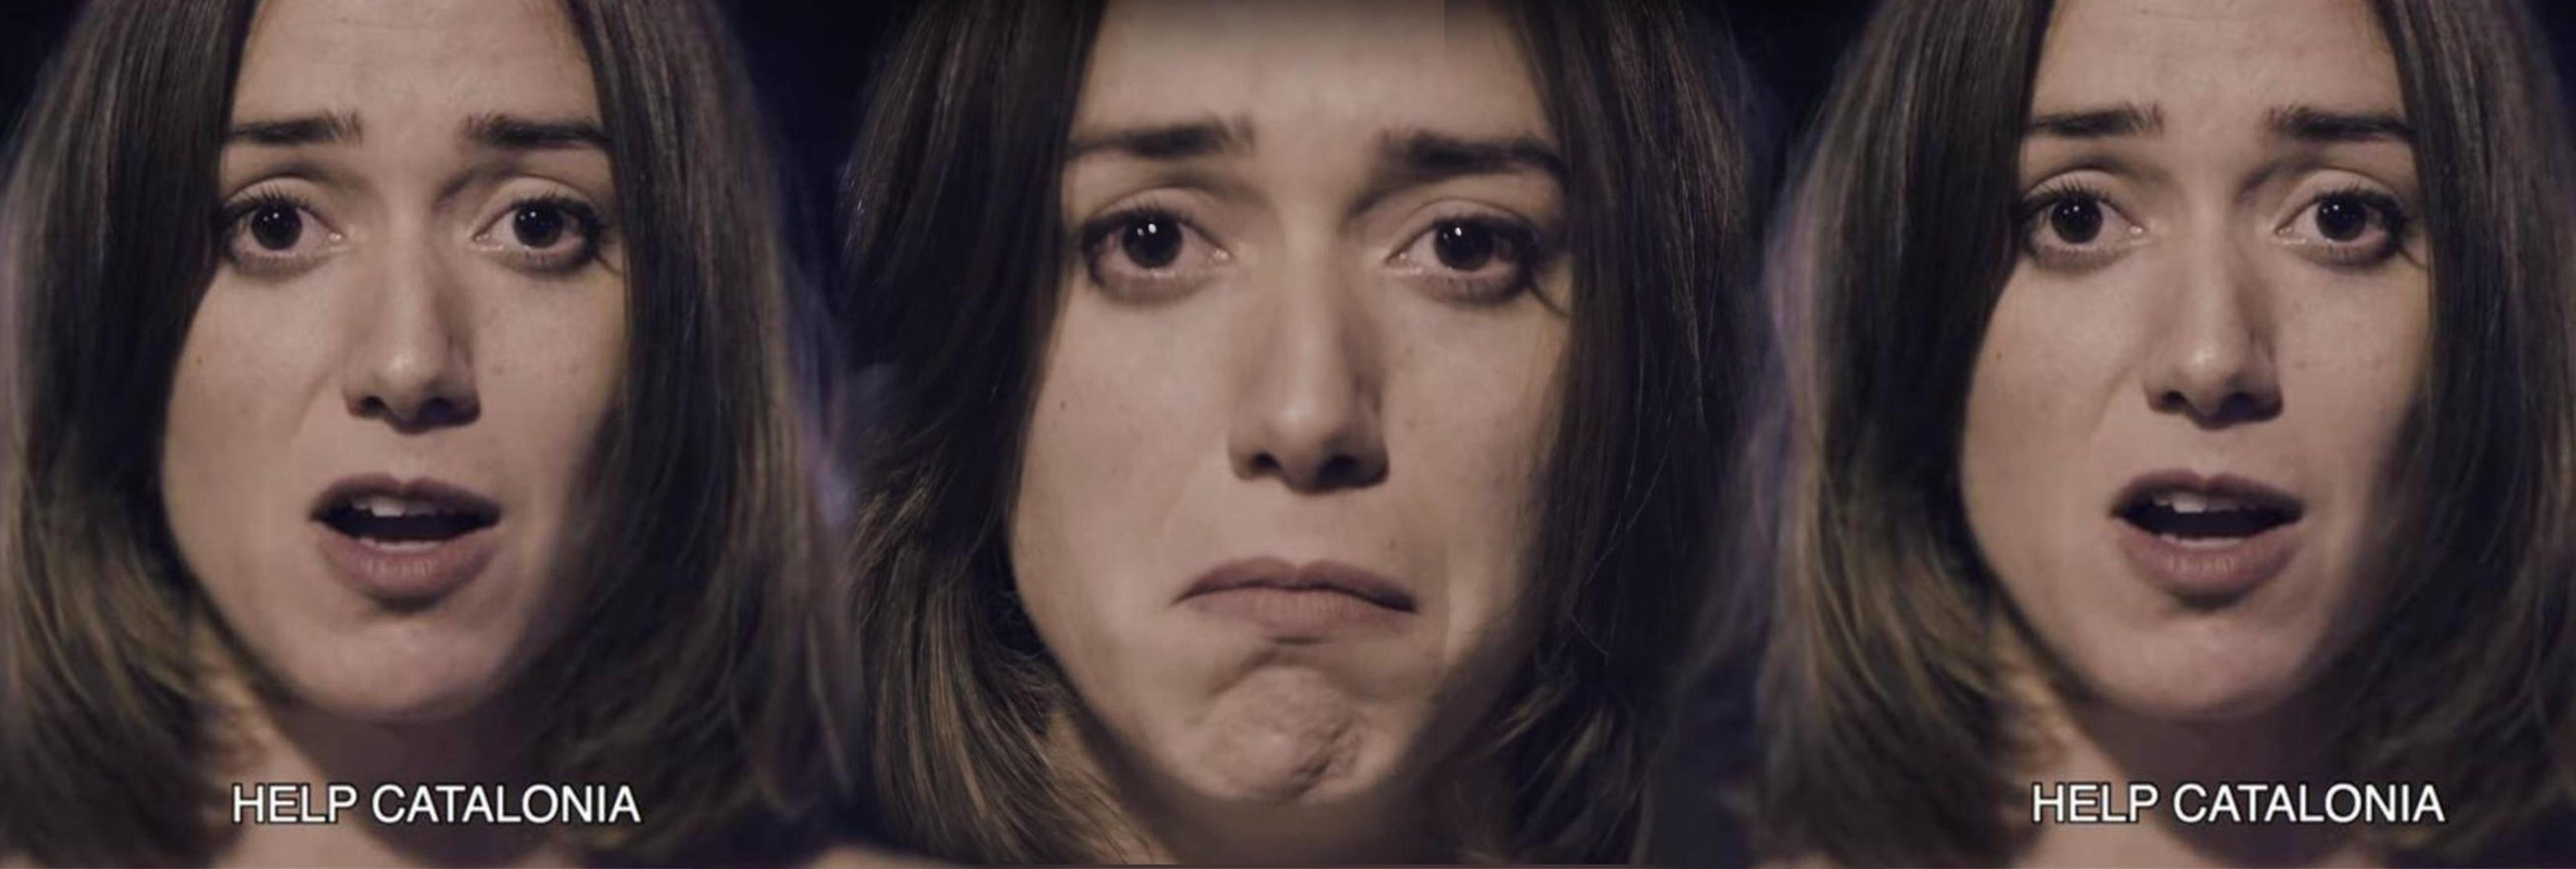 """La Asociación de Actores de Cataluña denuncia el """"asedio"""" a la actriz de 'Help Catalonia'"""